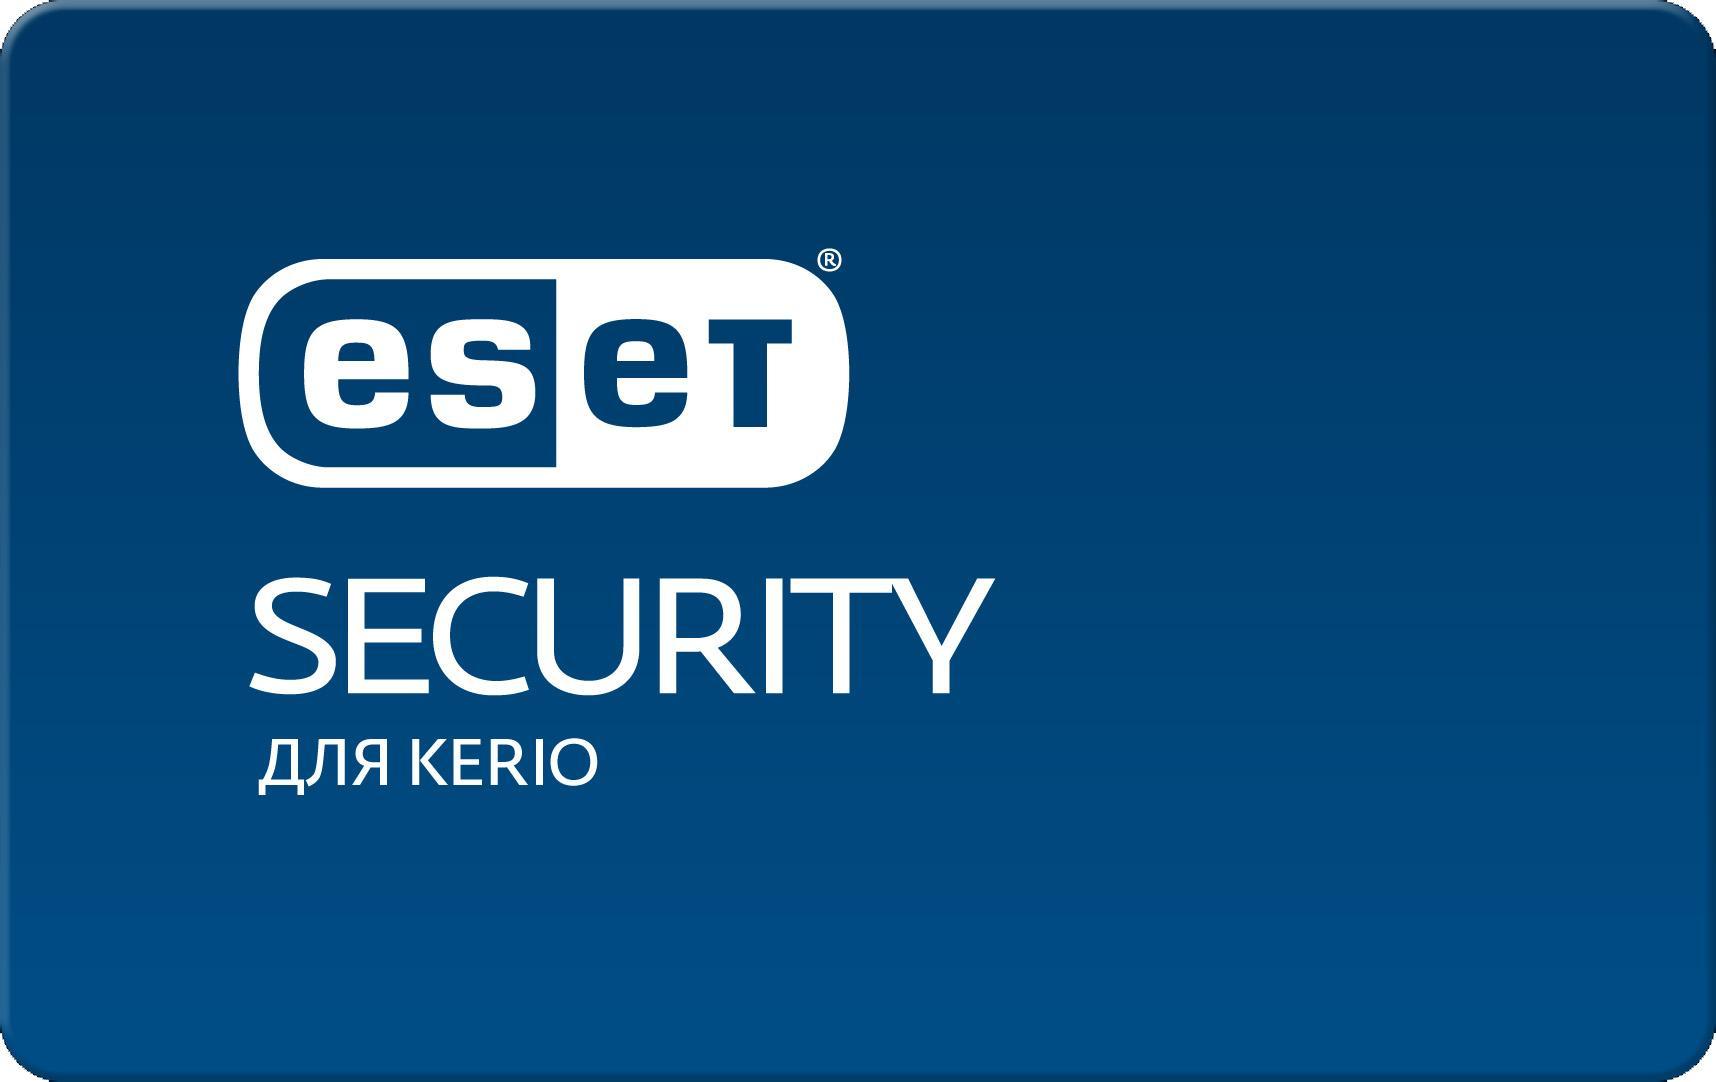 Защита почтовых серверов и интернет-шлюзов Eset Security для Kerio  для 7 пользователей